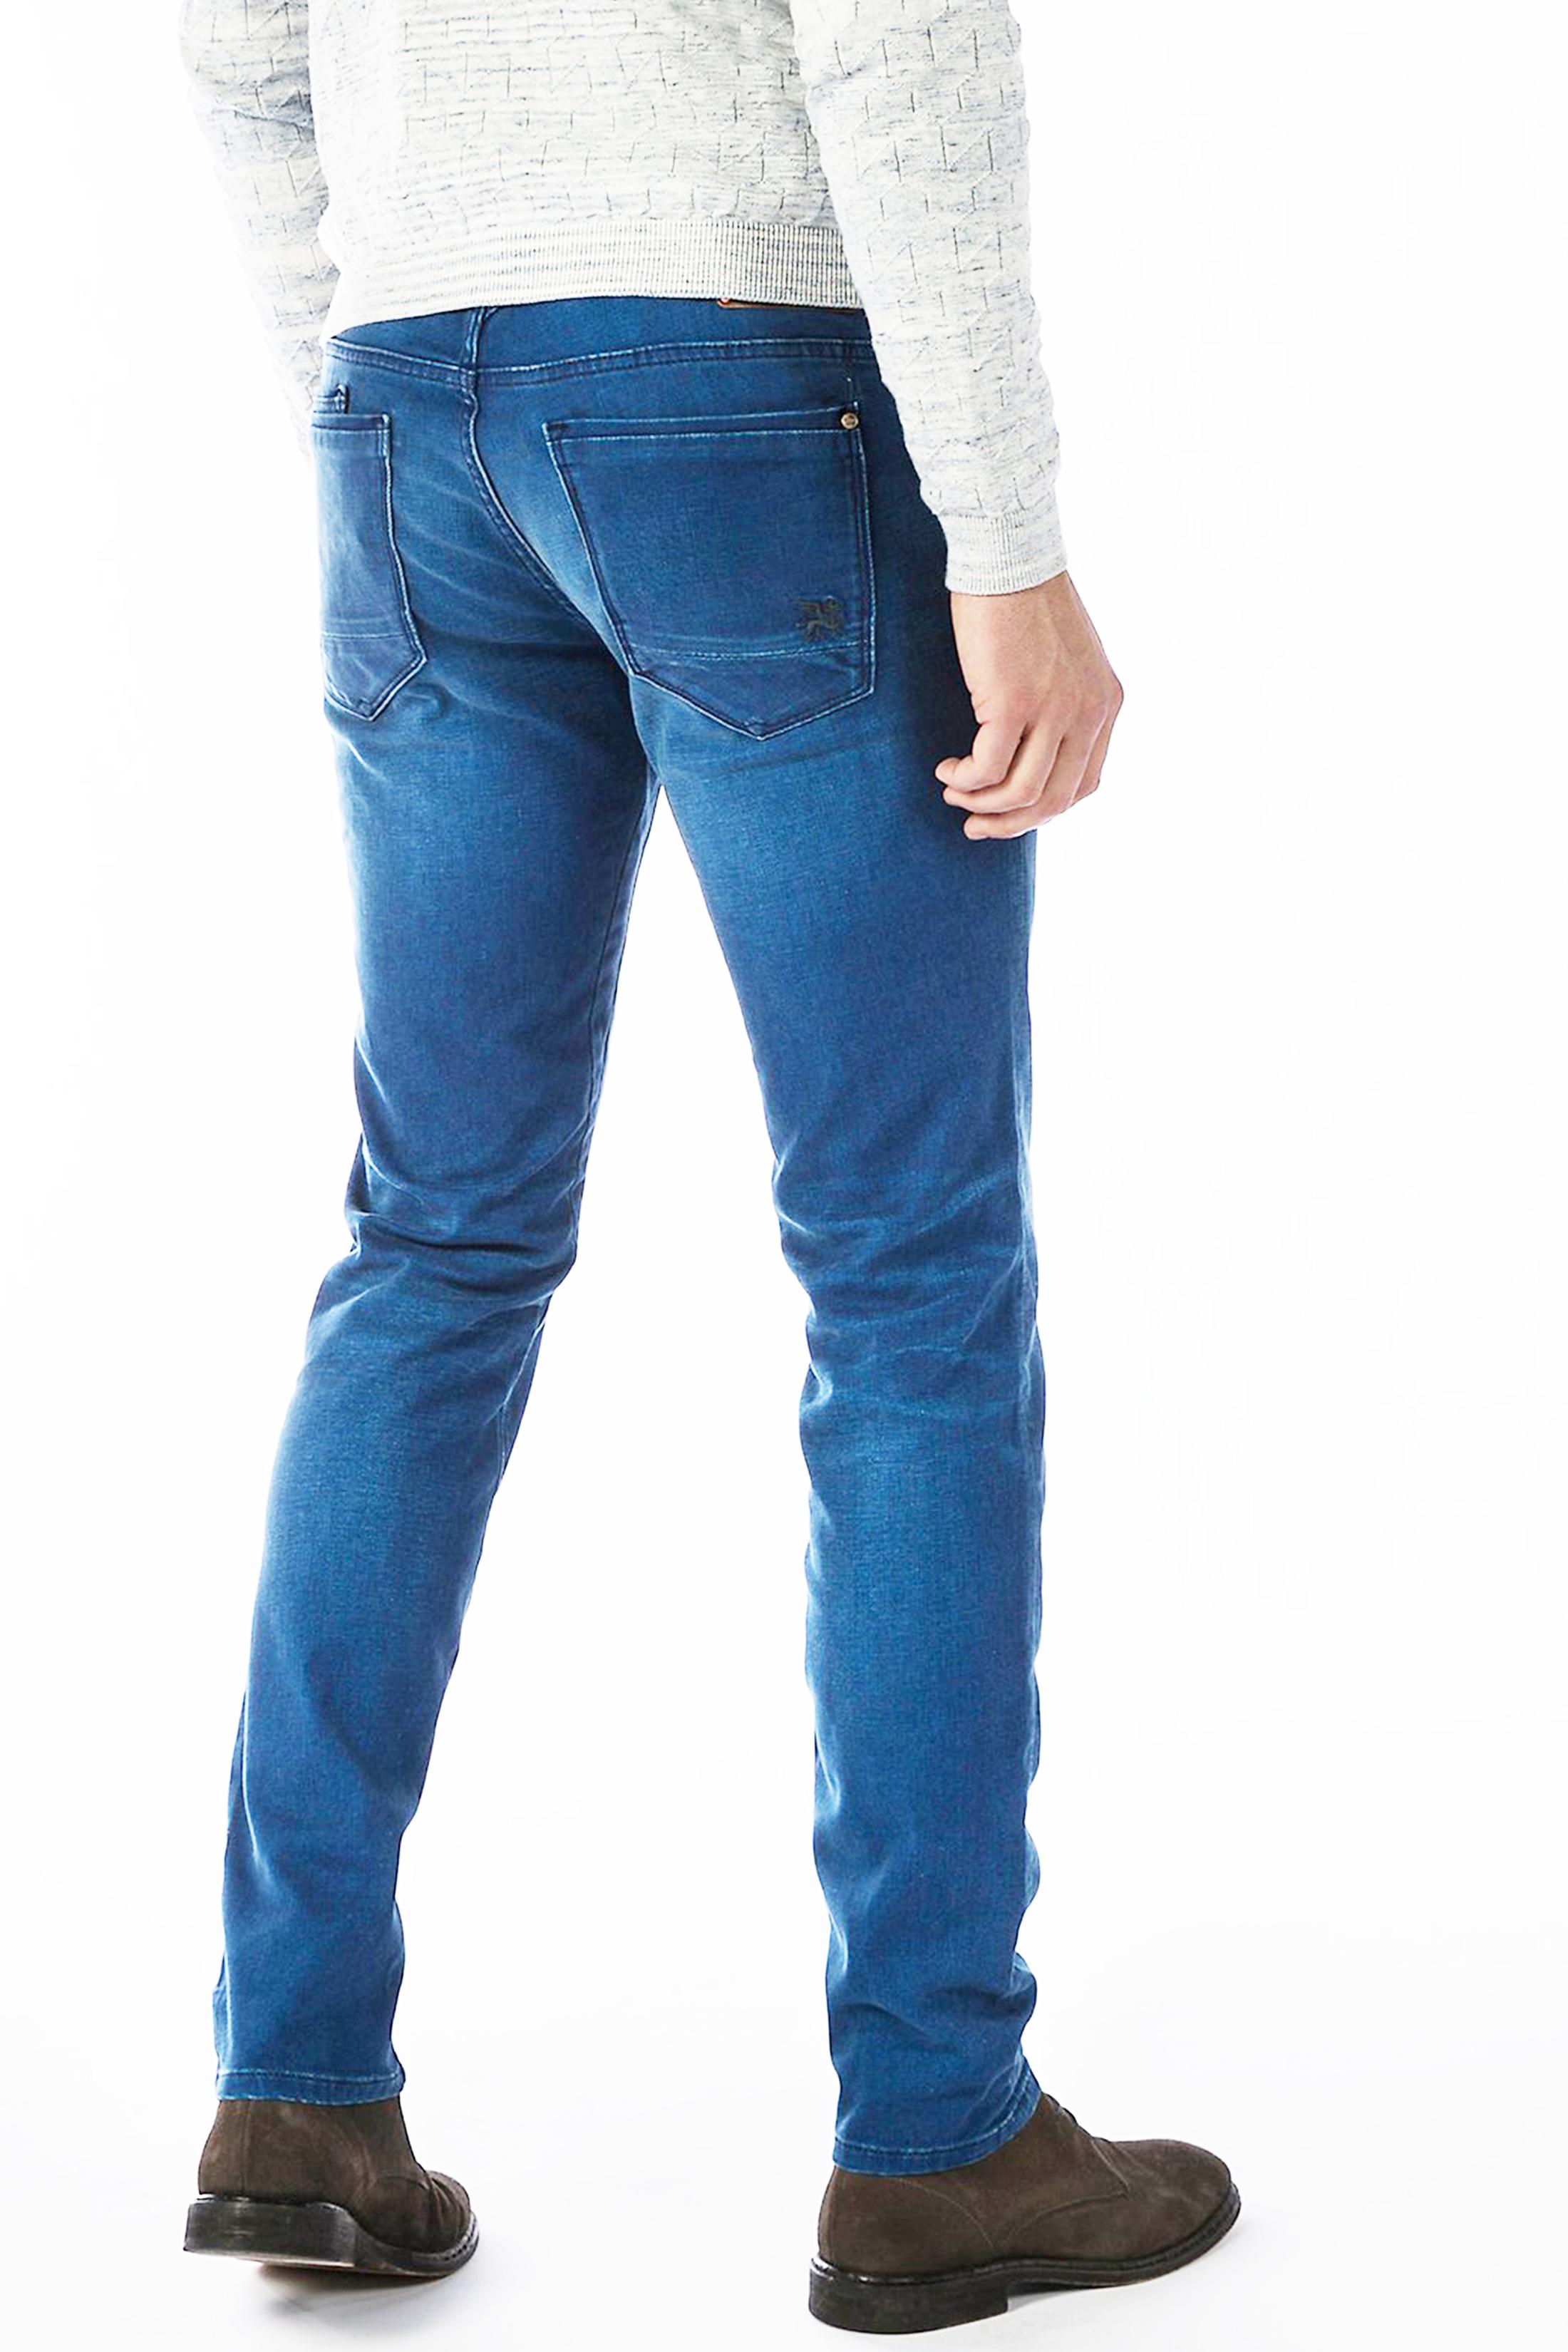 Vanguard V8 Racer Jeans Blue foto 6